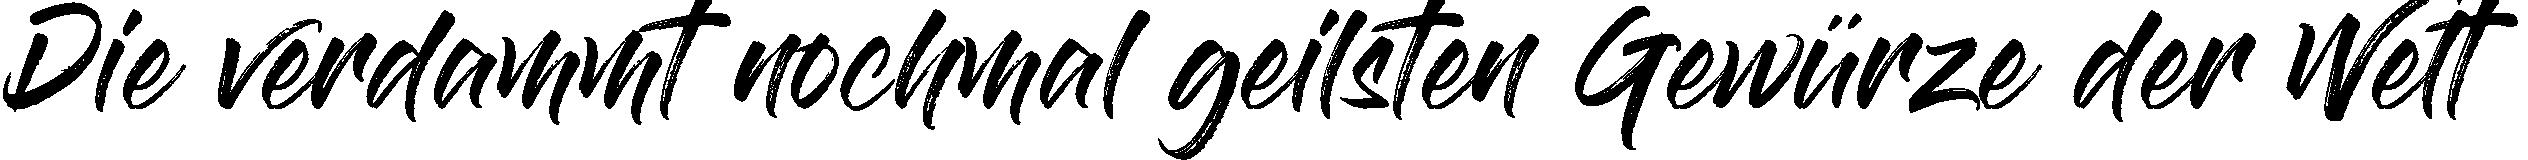 Fresswiese Slogan